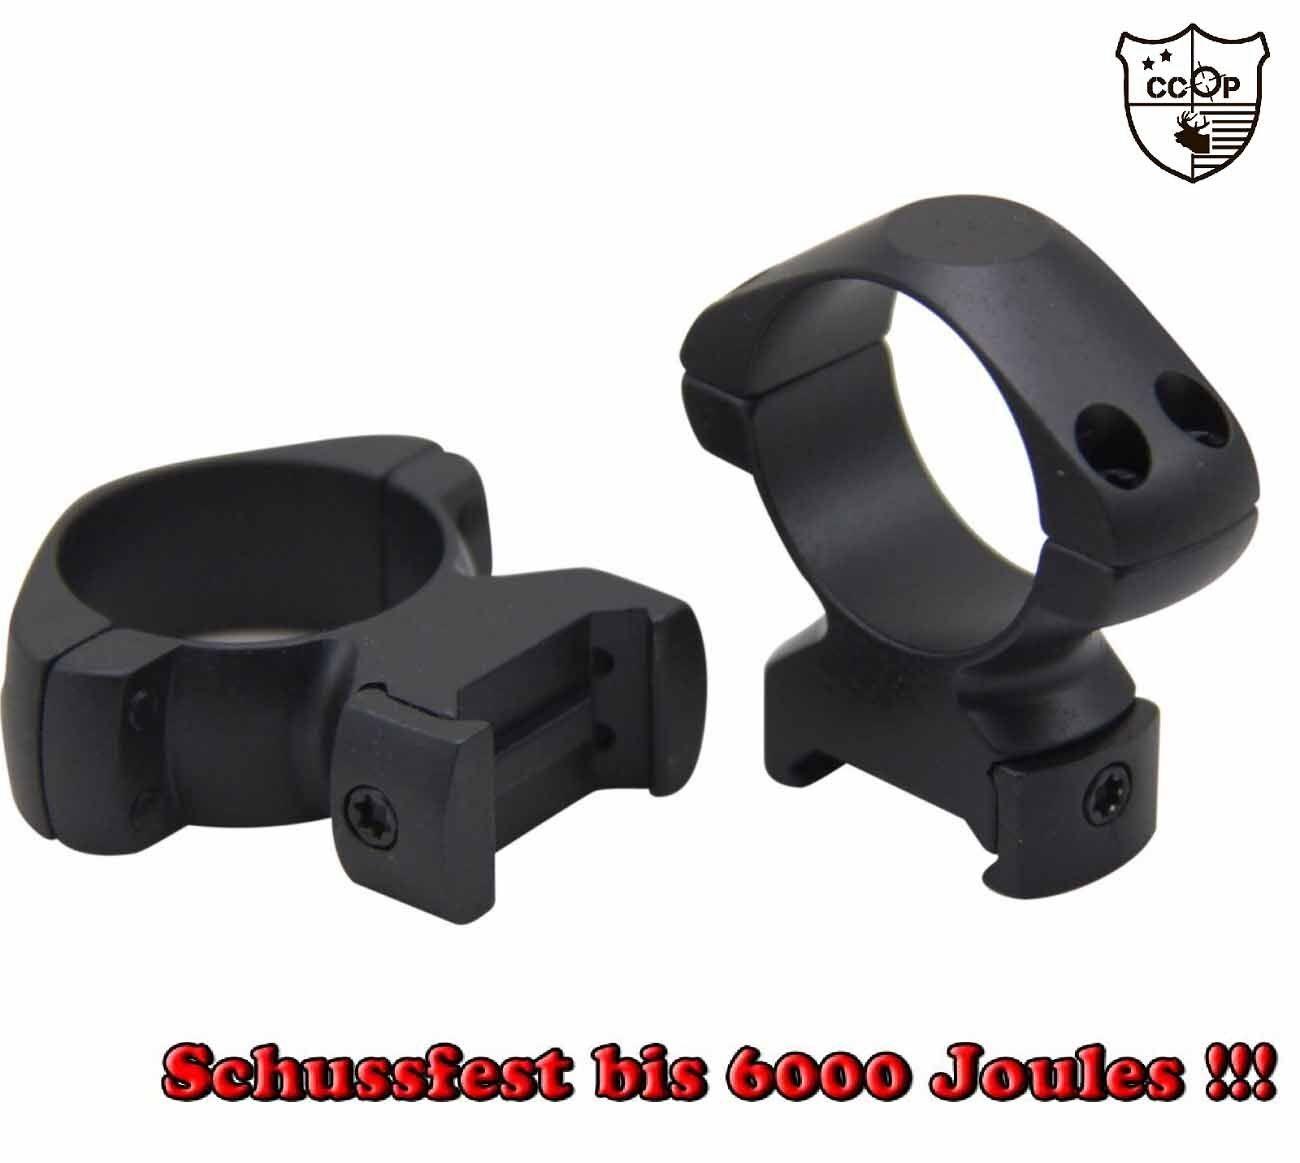 Hohe Stahl Zielfernrohr Montage Ringe mit 30mm Ø für 21mm 21mm 21mm Weaver   Picatinny  | Geeignet für Farbe  dff9c8